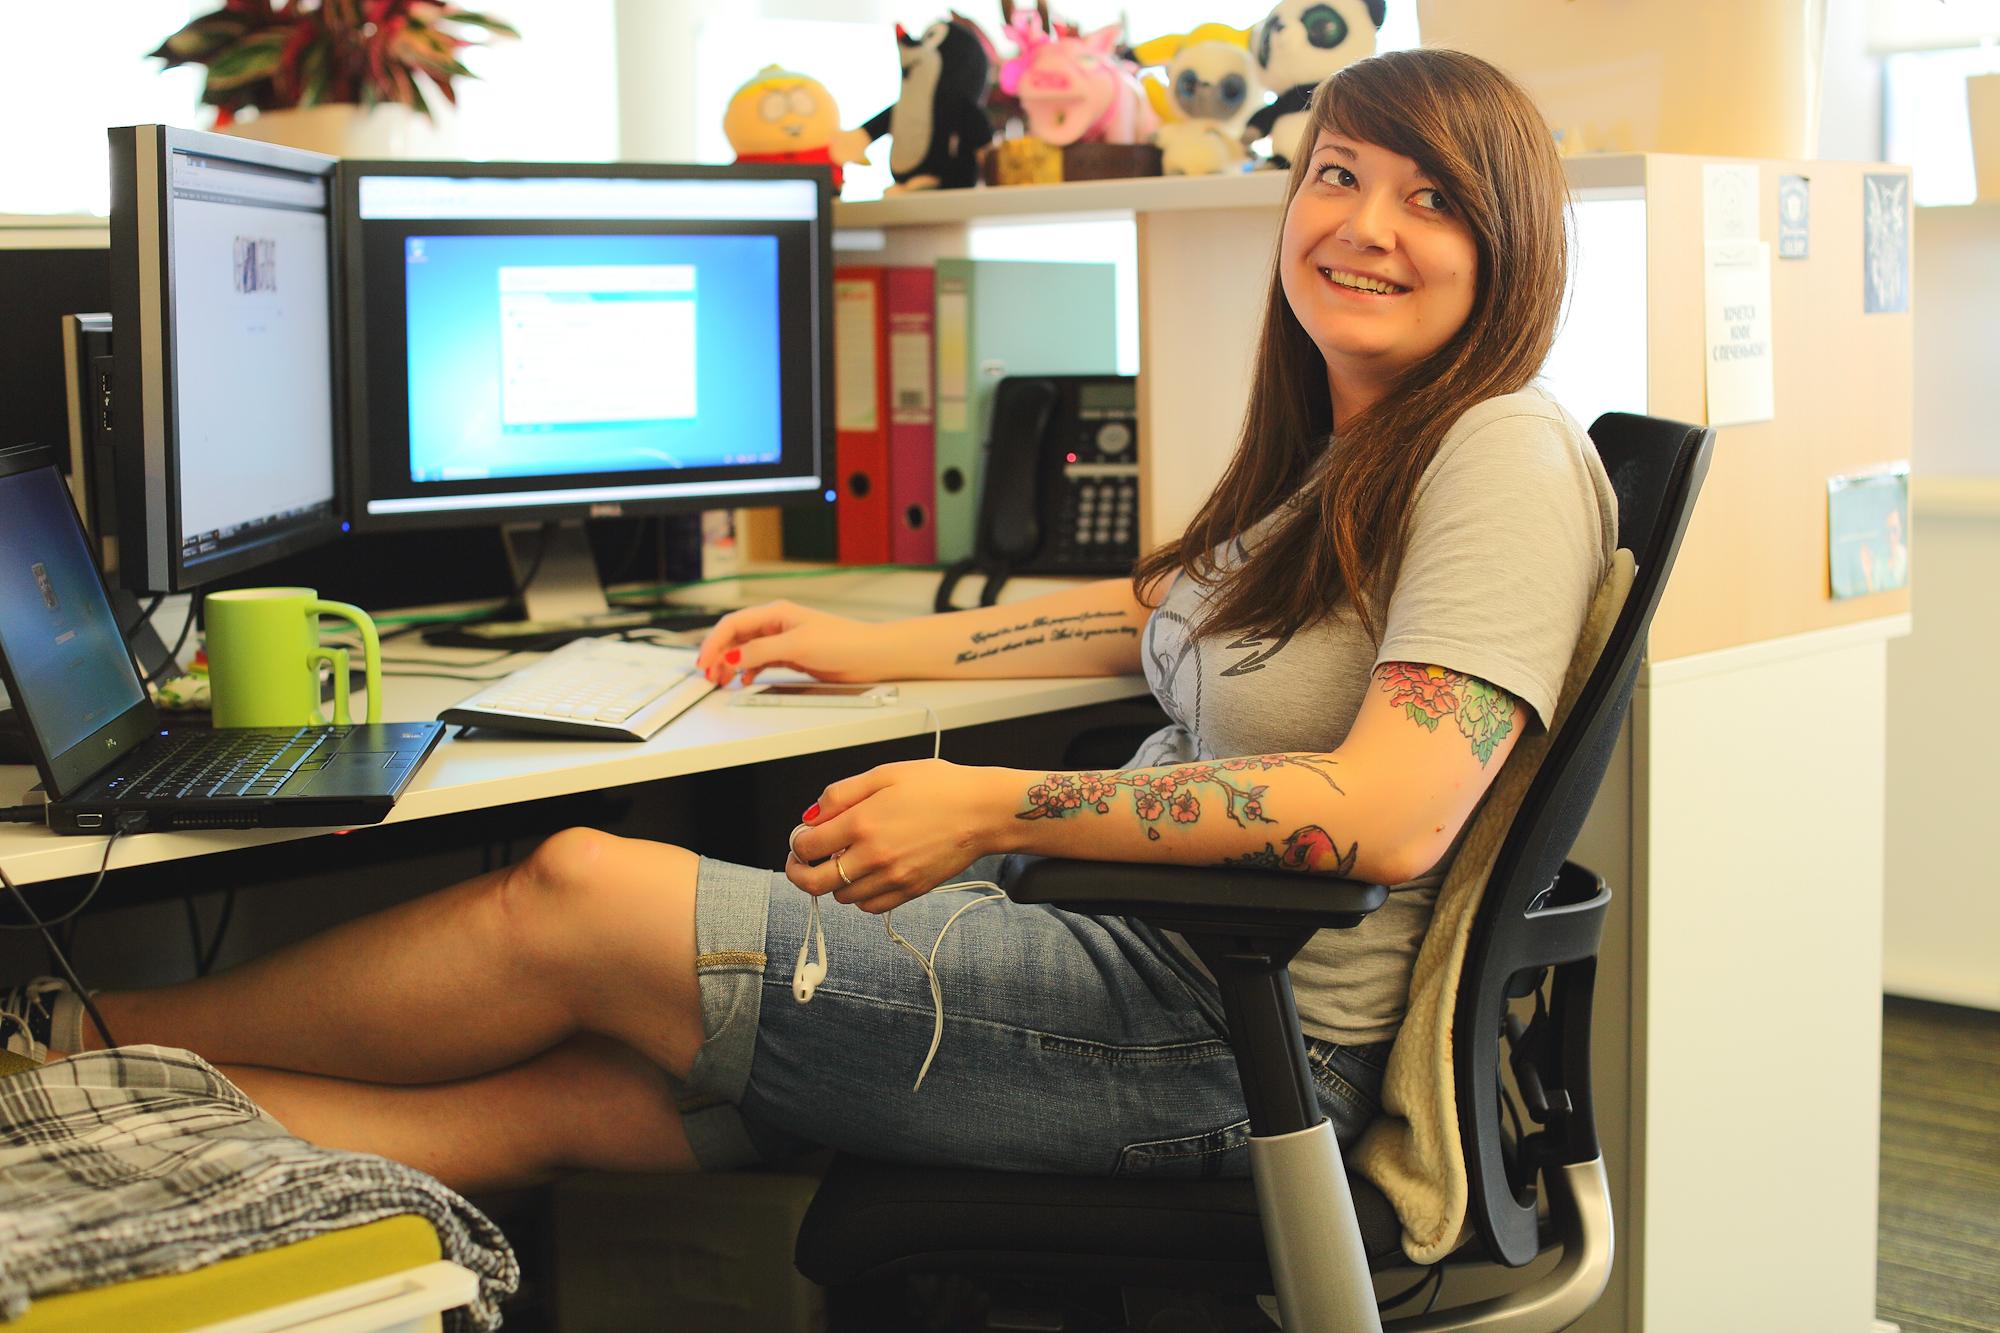 Рабочие места: Анна Ларкина, старший контент-аналитик в «Лаборатории Касперского»